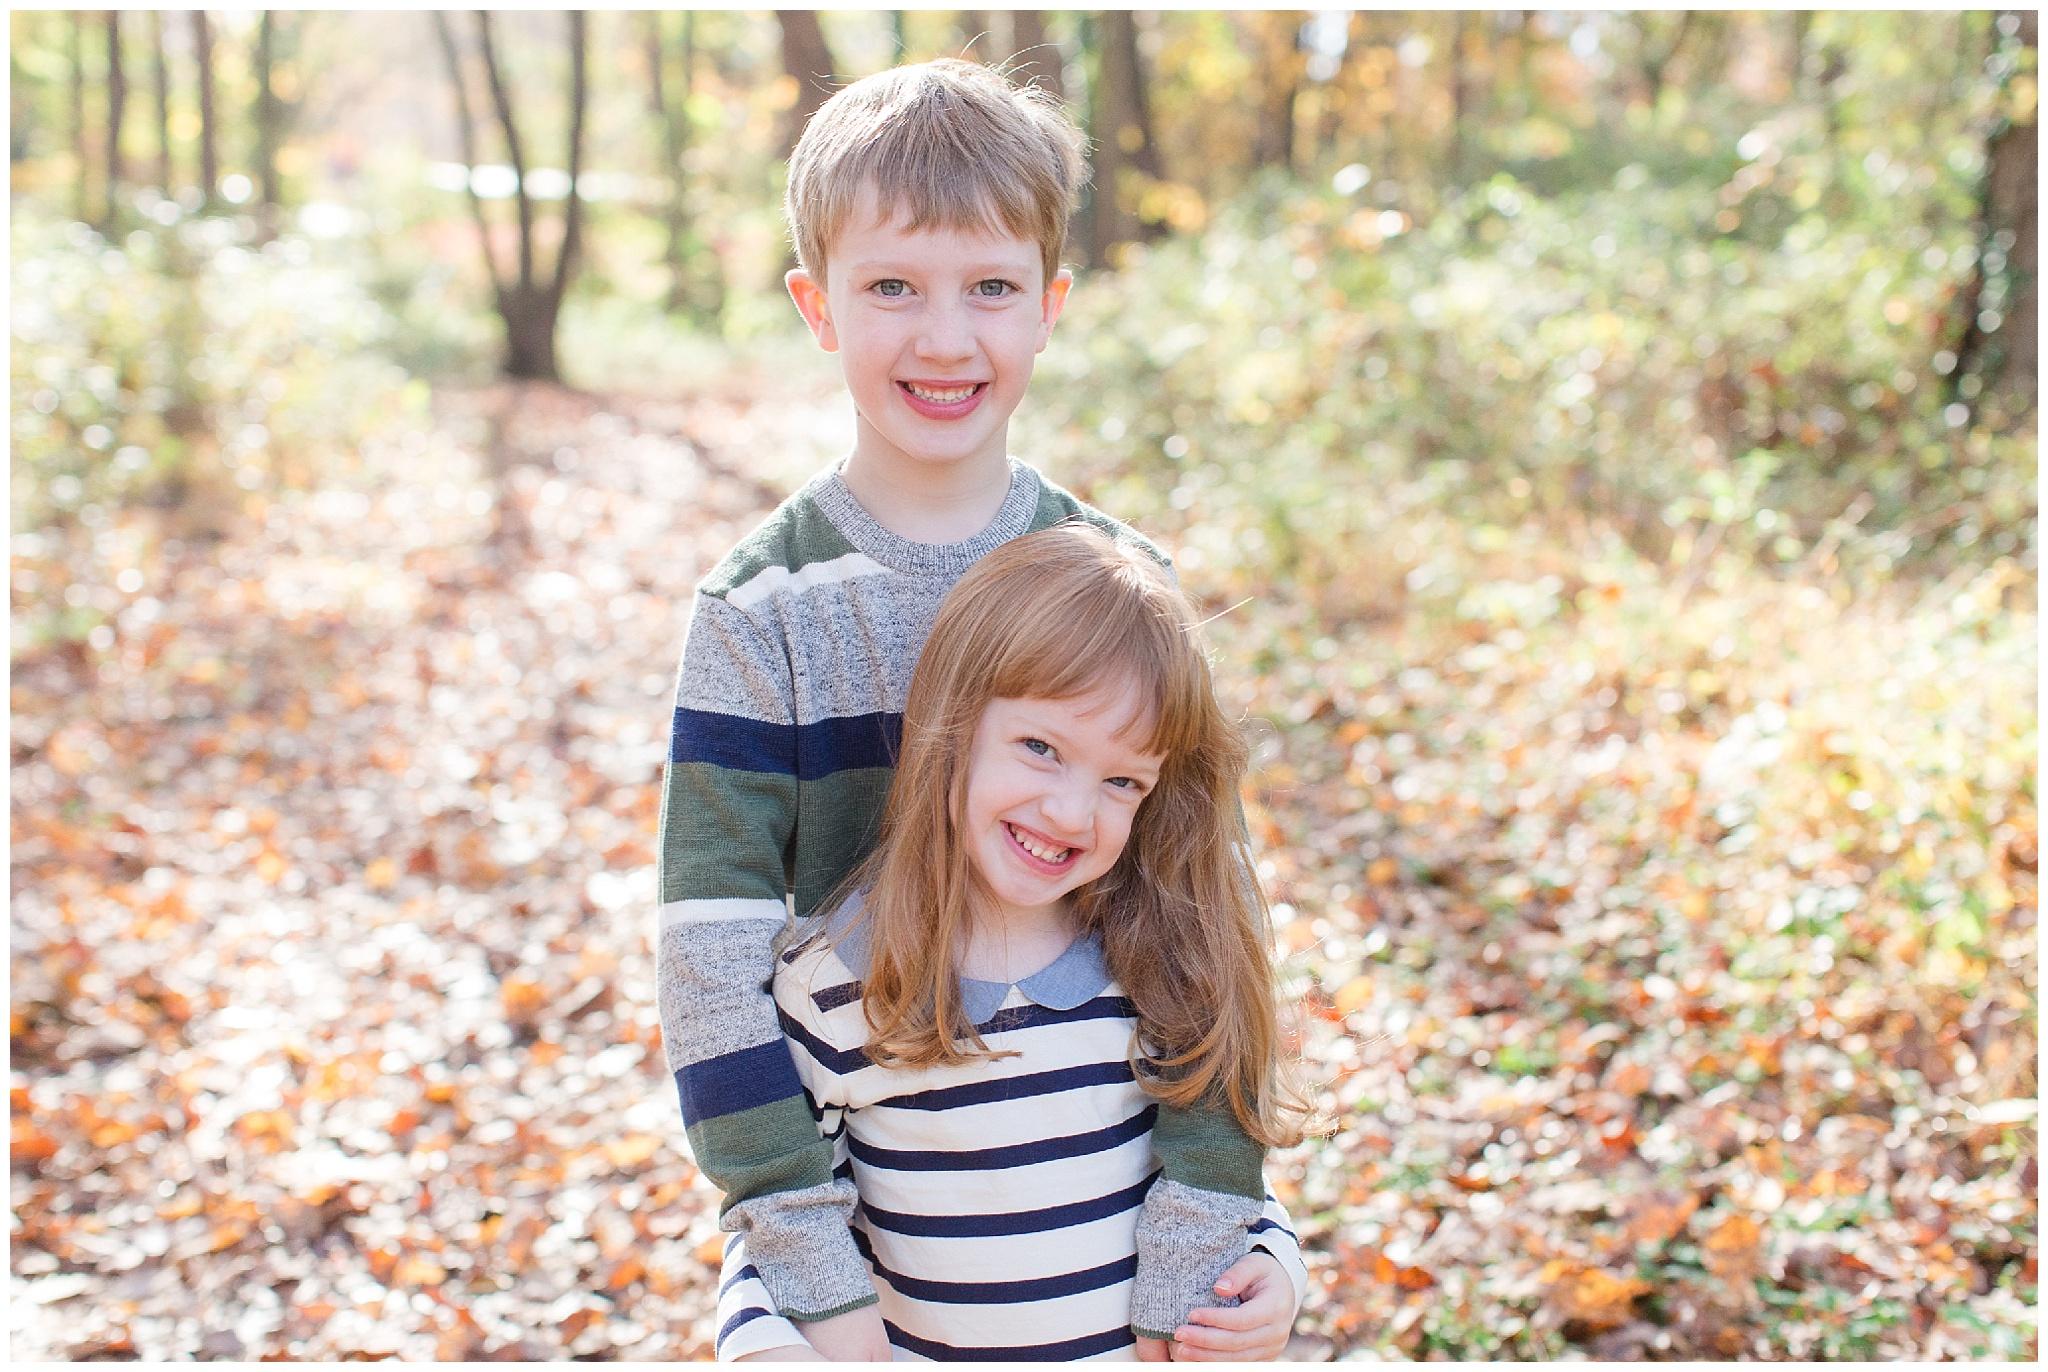 Holleran_familyphotos_0008.jpg